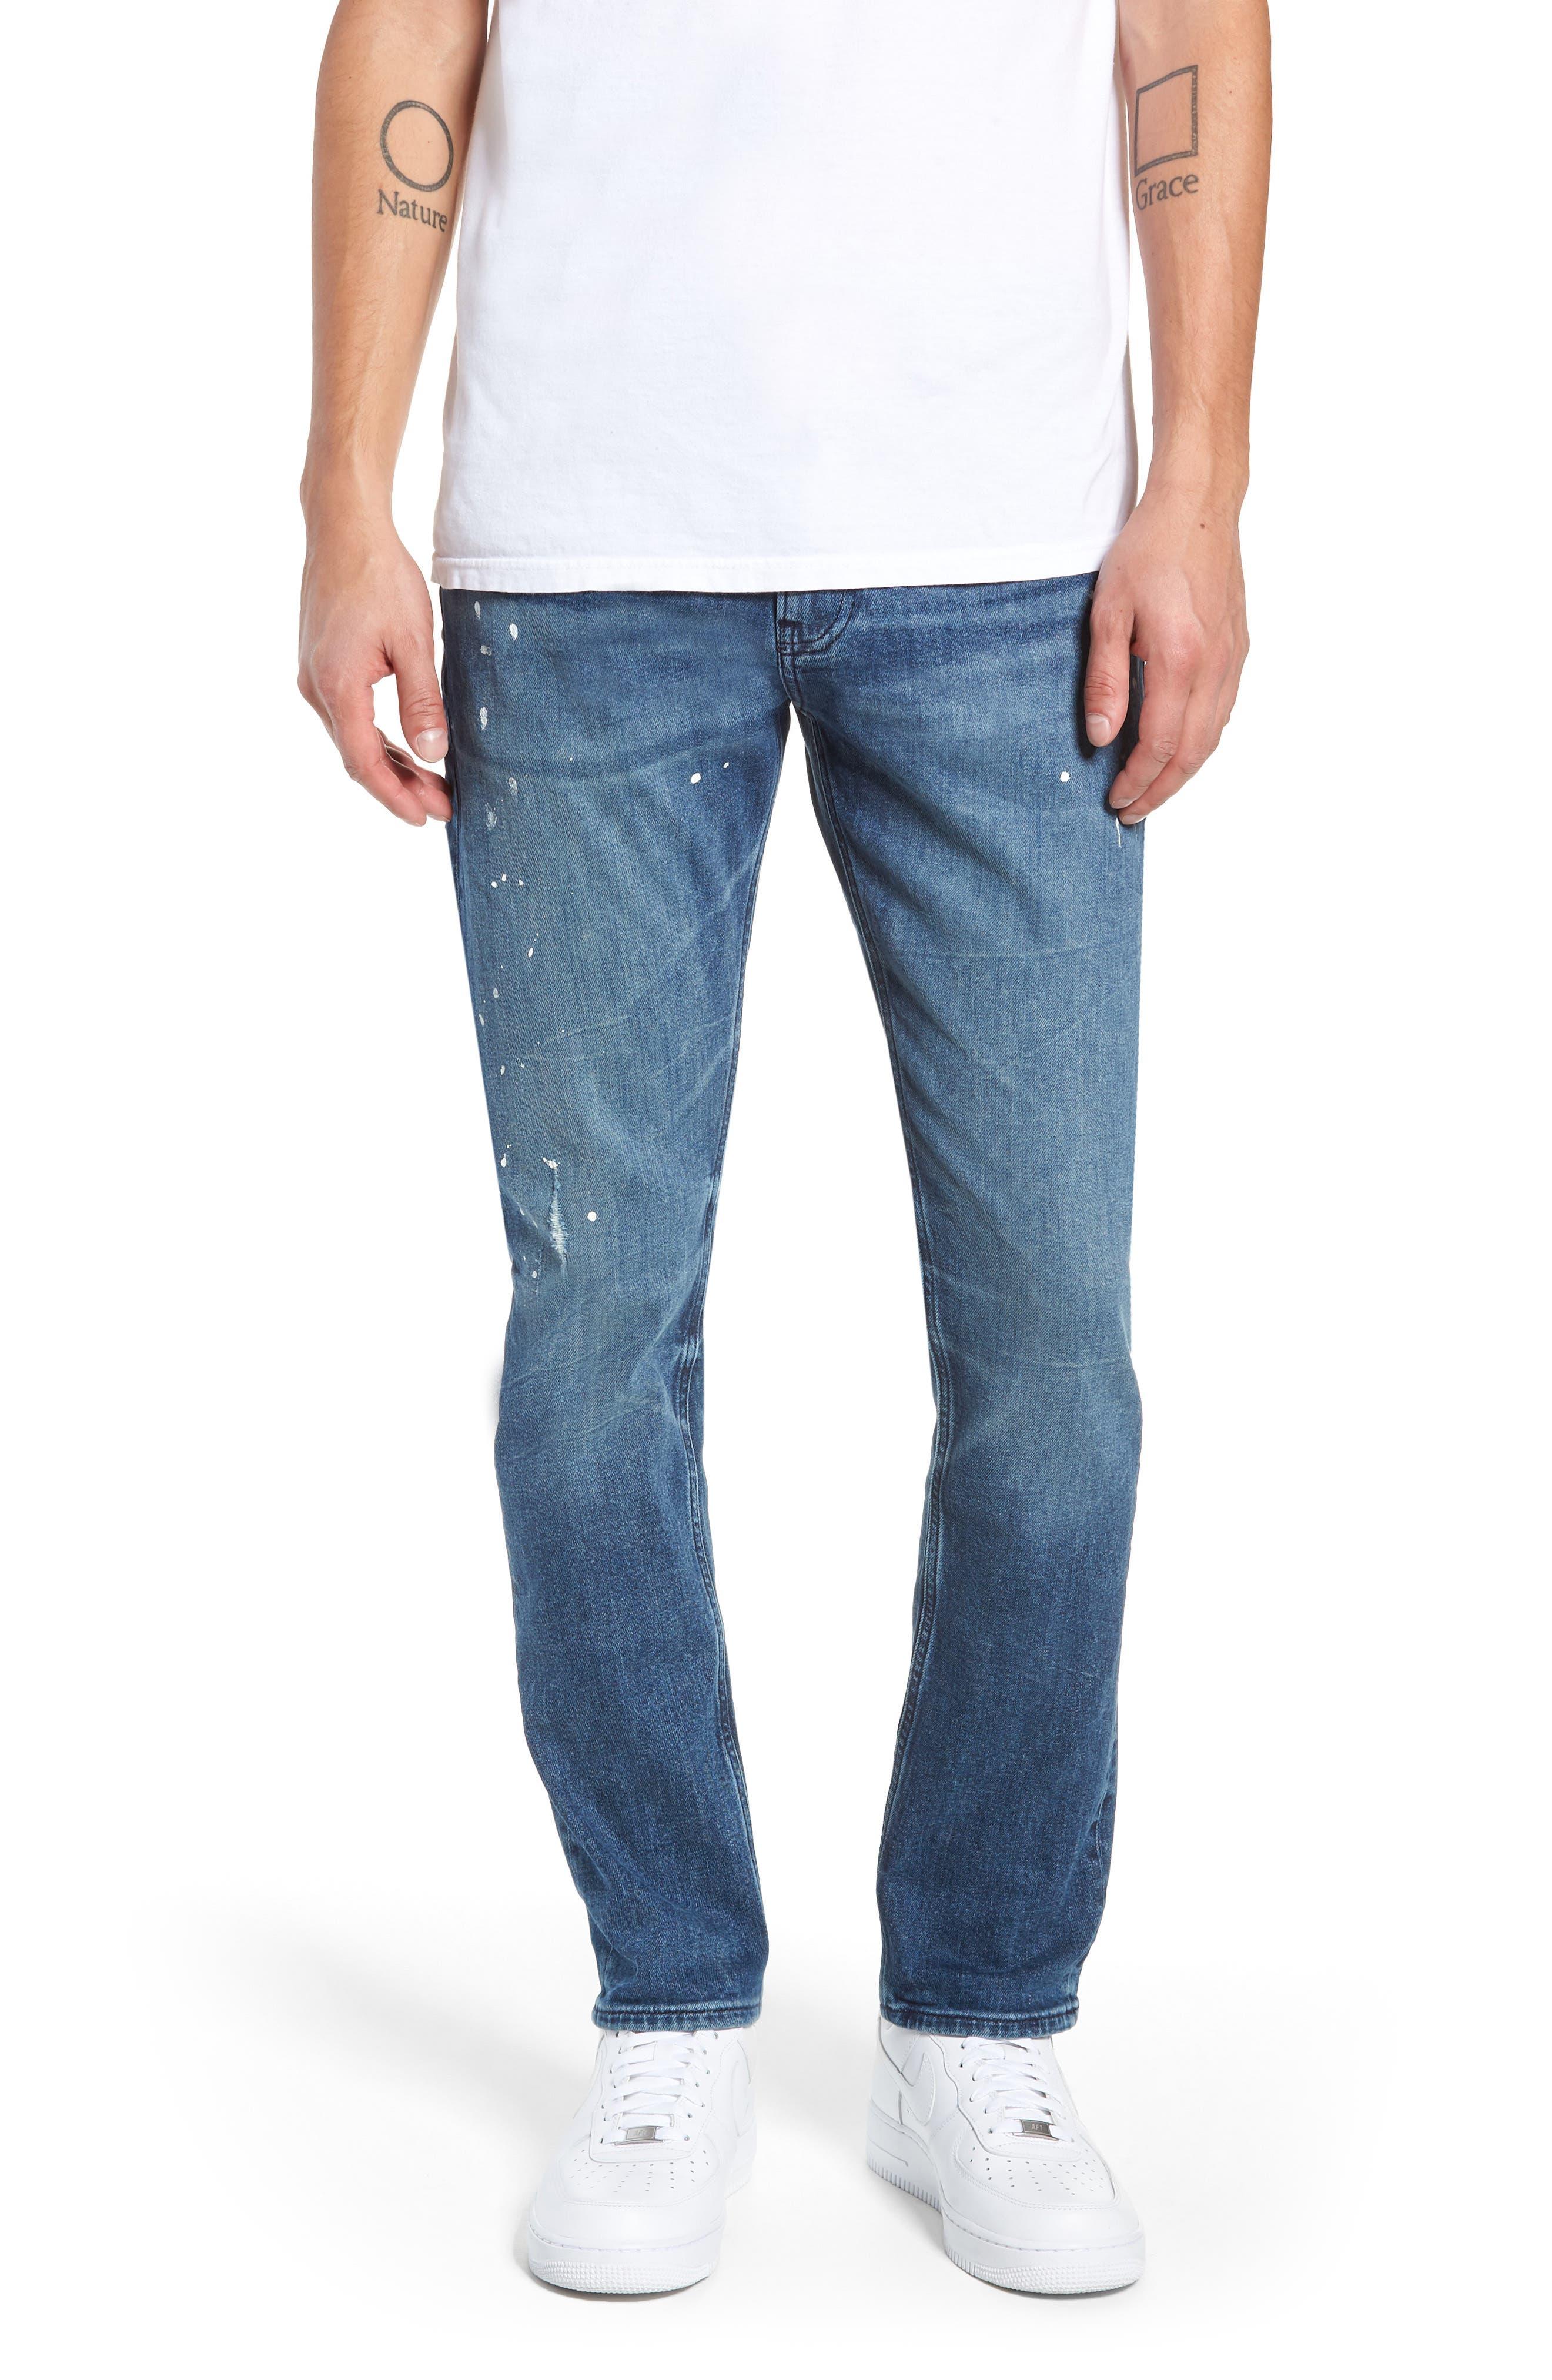 Calvin Klein Slim Fit Jeans,                             Main thumbnail 1, color,                             400